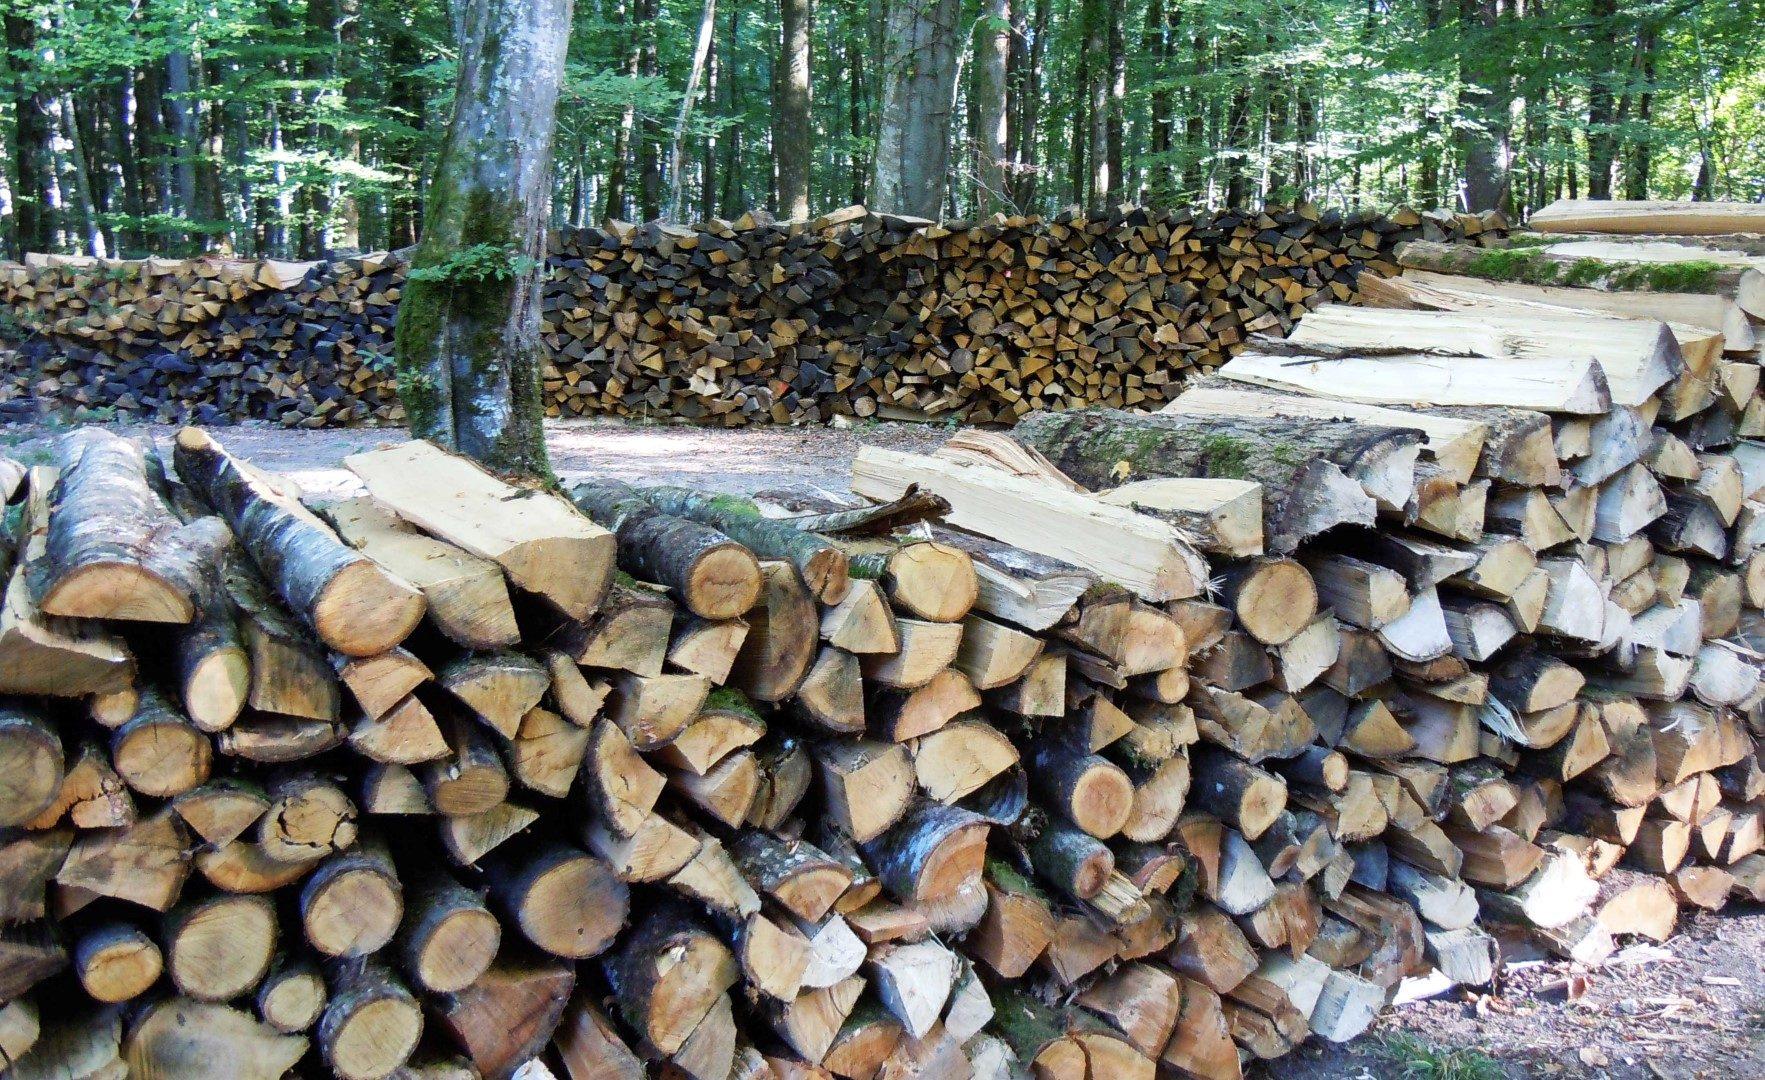 Bois de chauffage ch teau et domaine de menetou salon - Coupe de bois de chauffage sur pied a vendre ...